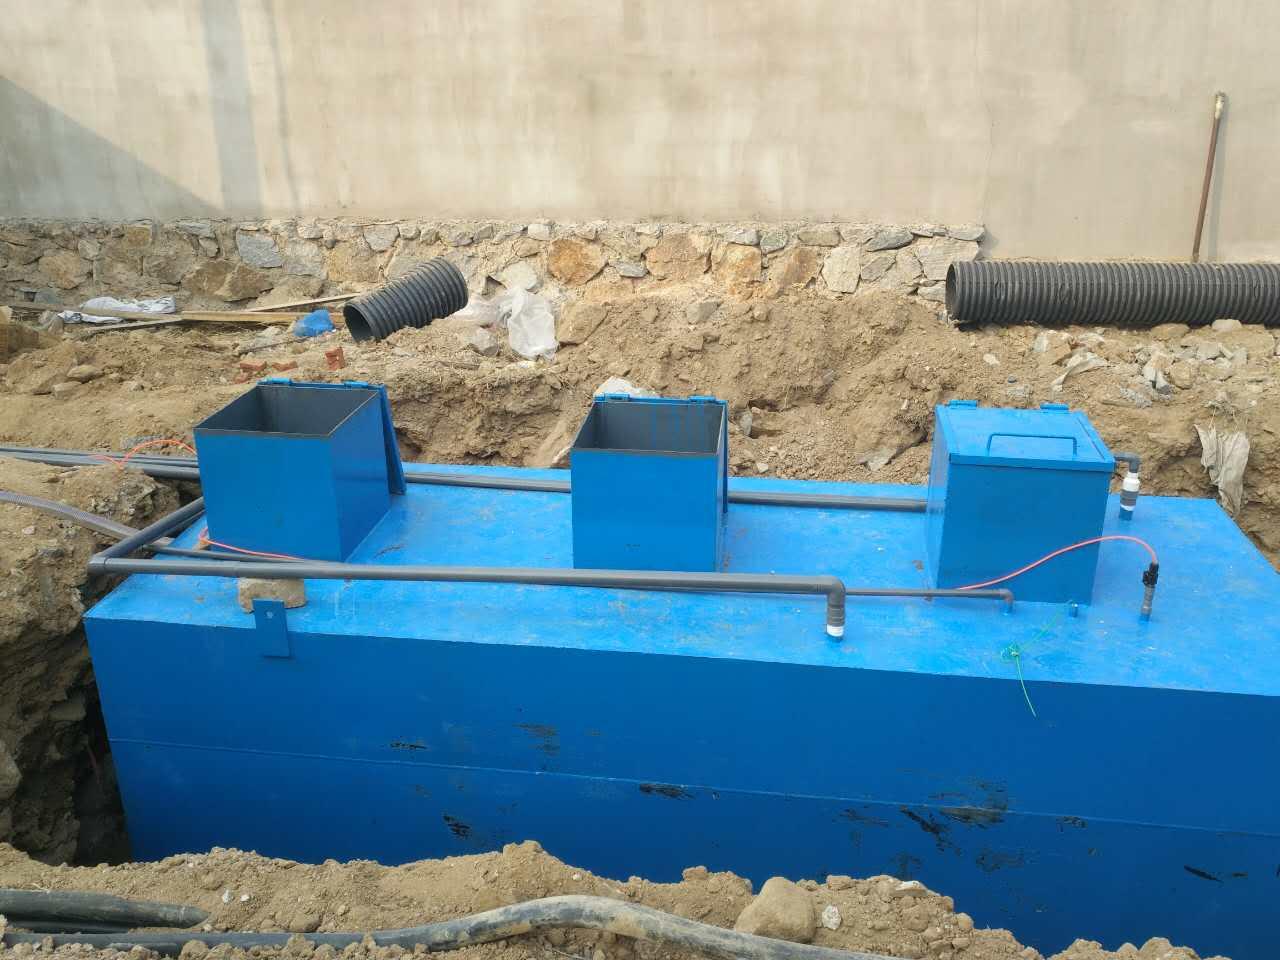 简单介绍环保食品加工污水处理设备的设备安装条件